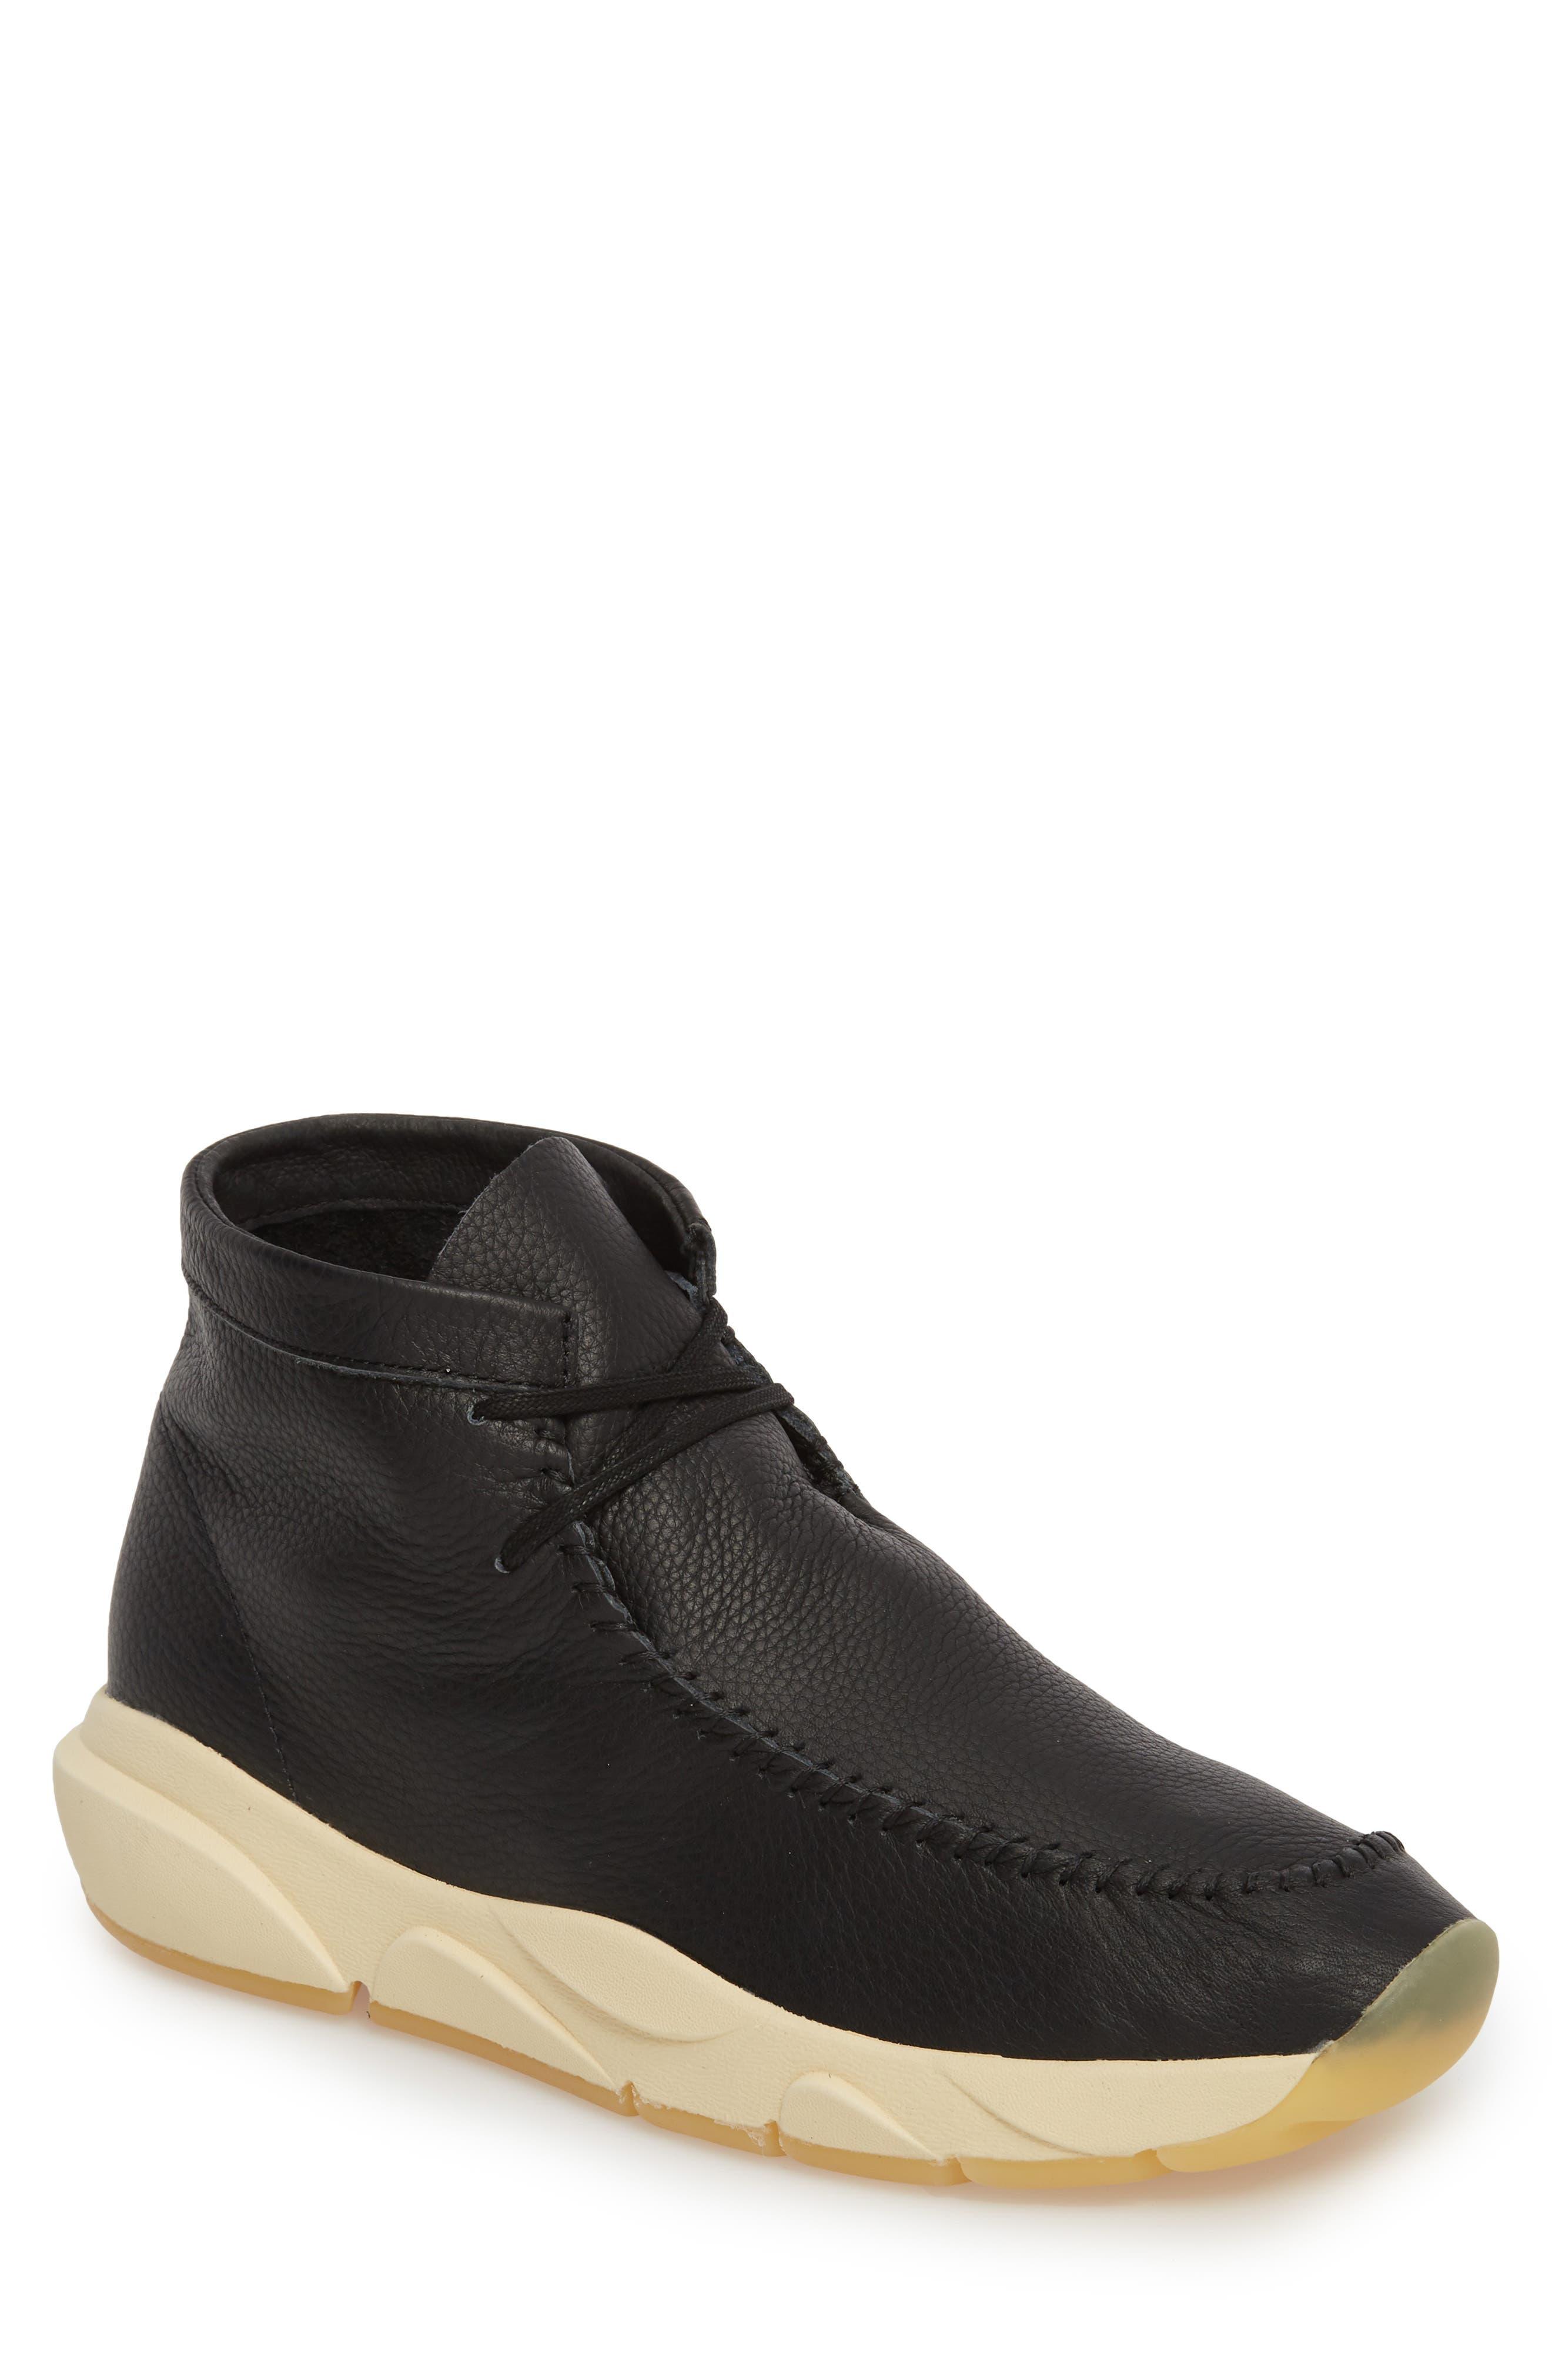 Castas Asymmetrical Chukka Sneaker,                         Main,                         color, 001